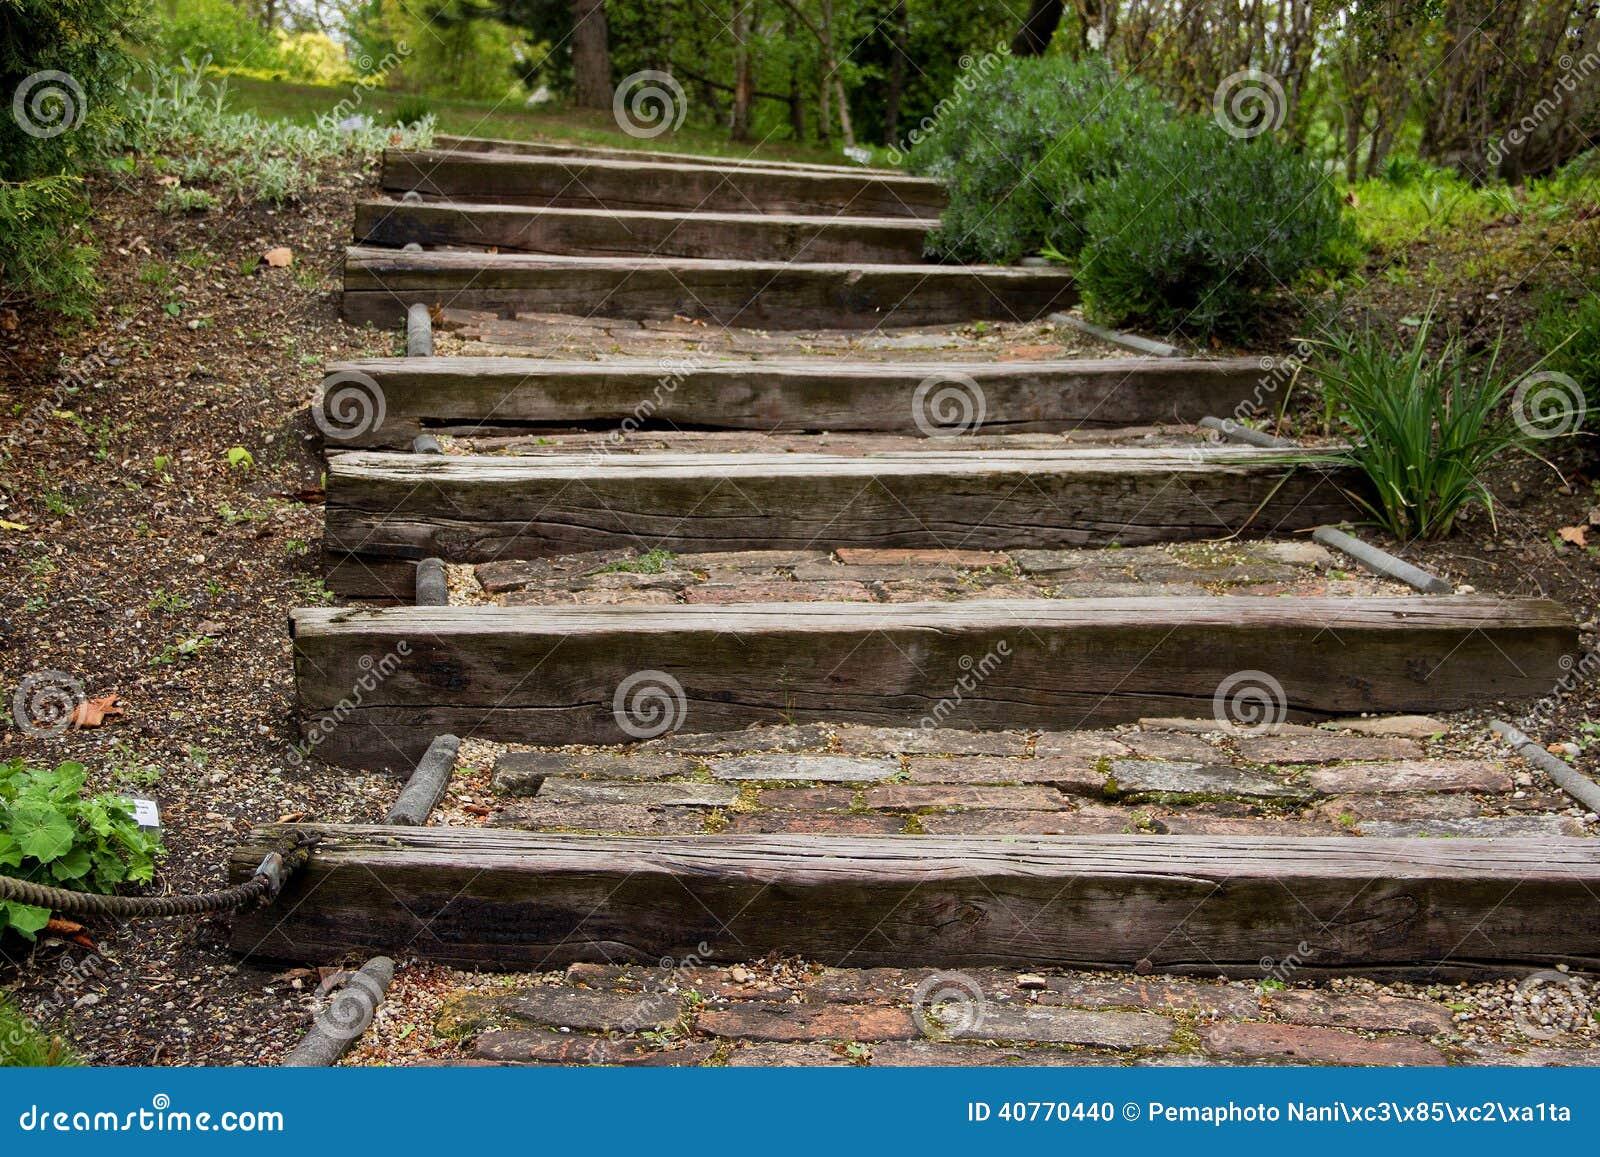 treppe hergestellt vom holz im park stockfoto - bild von hölzern